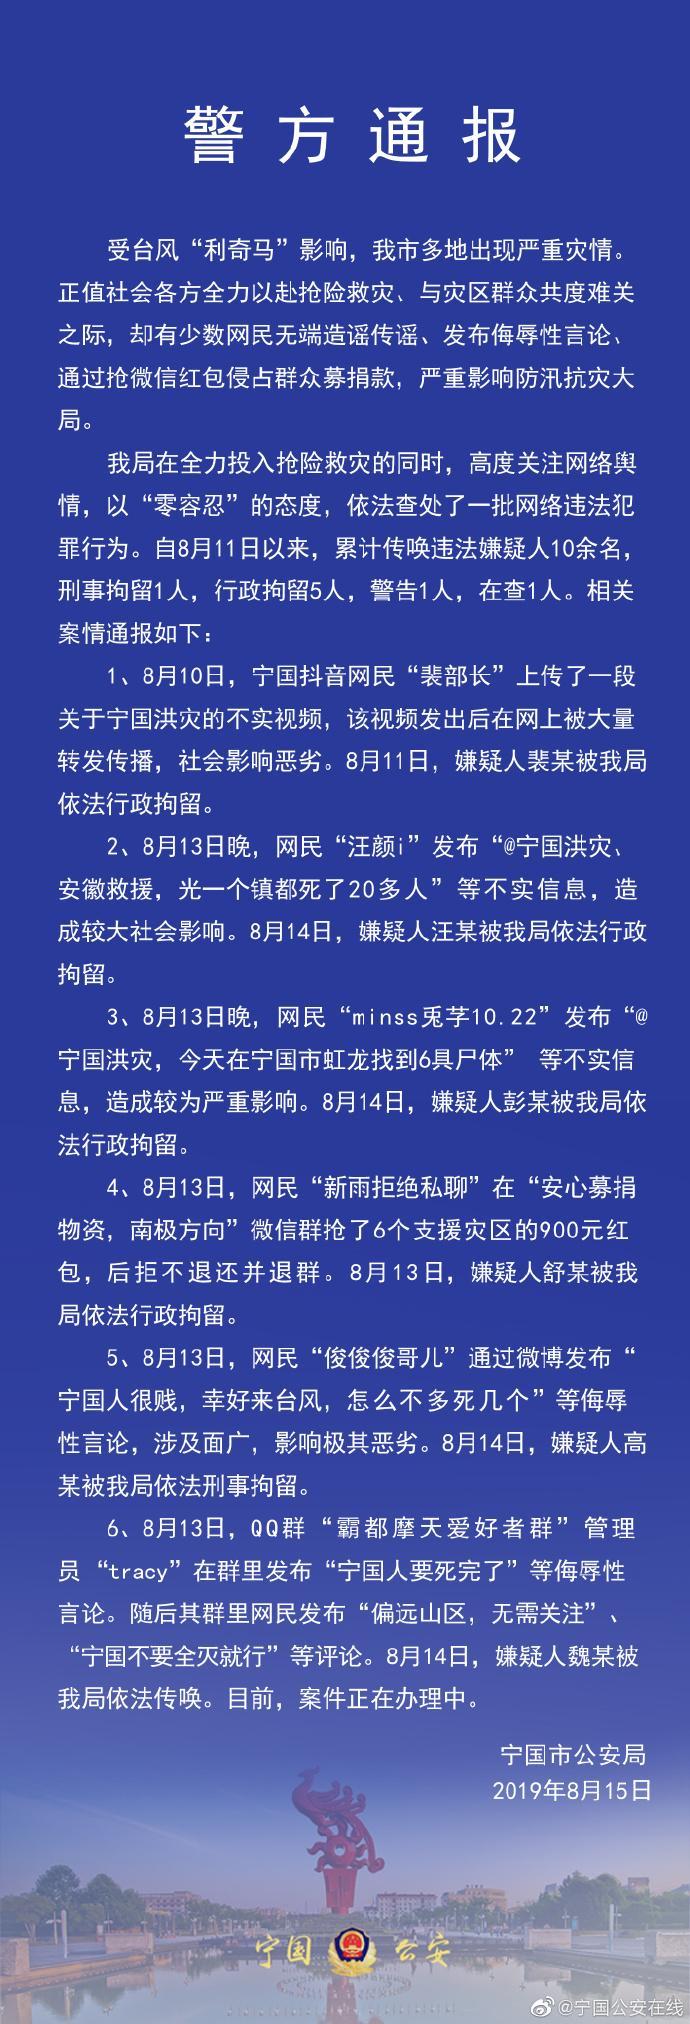 安徽网民台风期间抢微信红包侵占群众募捐款被拘